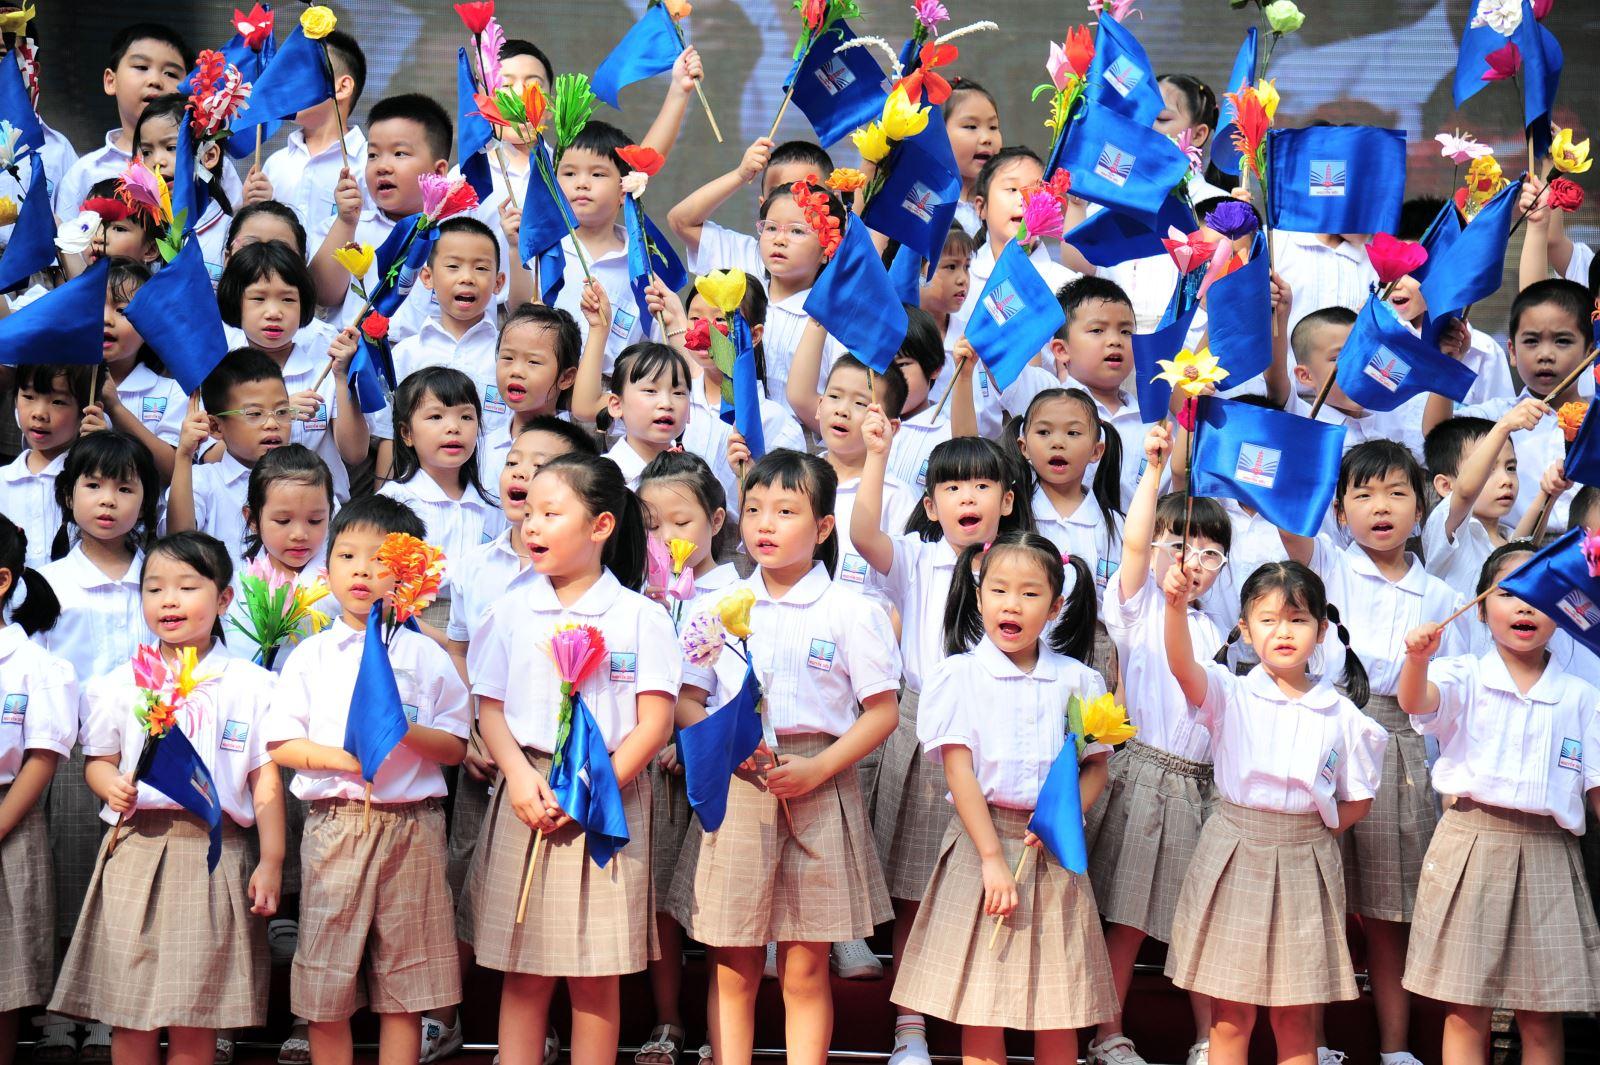 School opening ceremony 2019